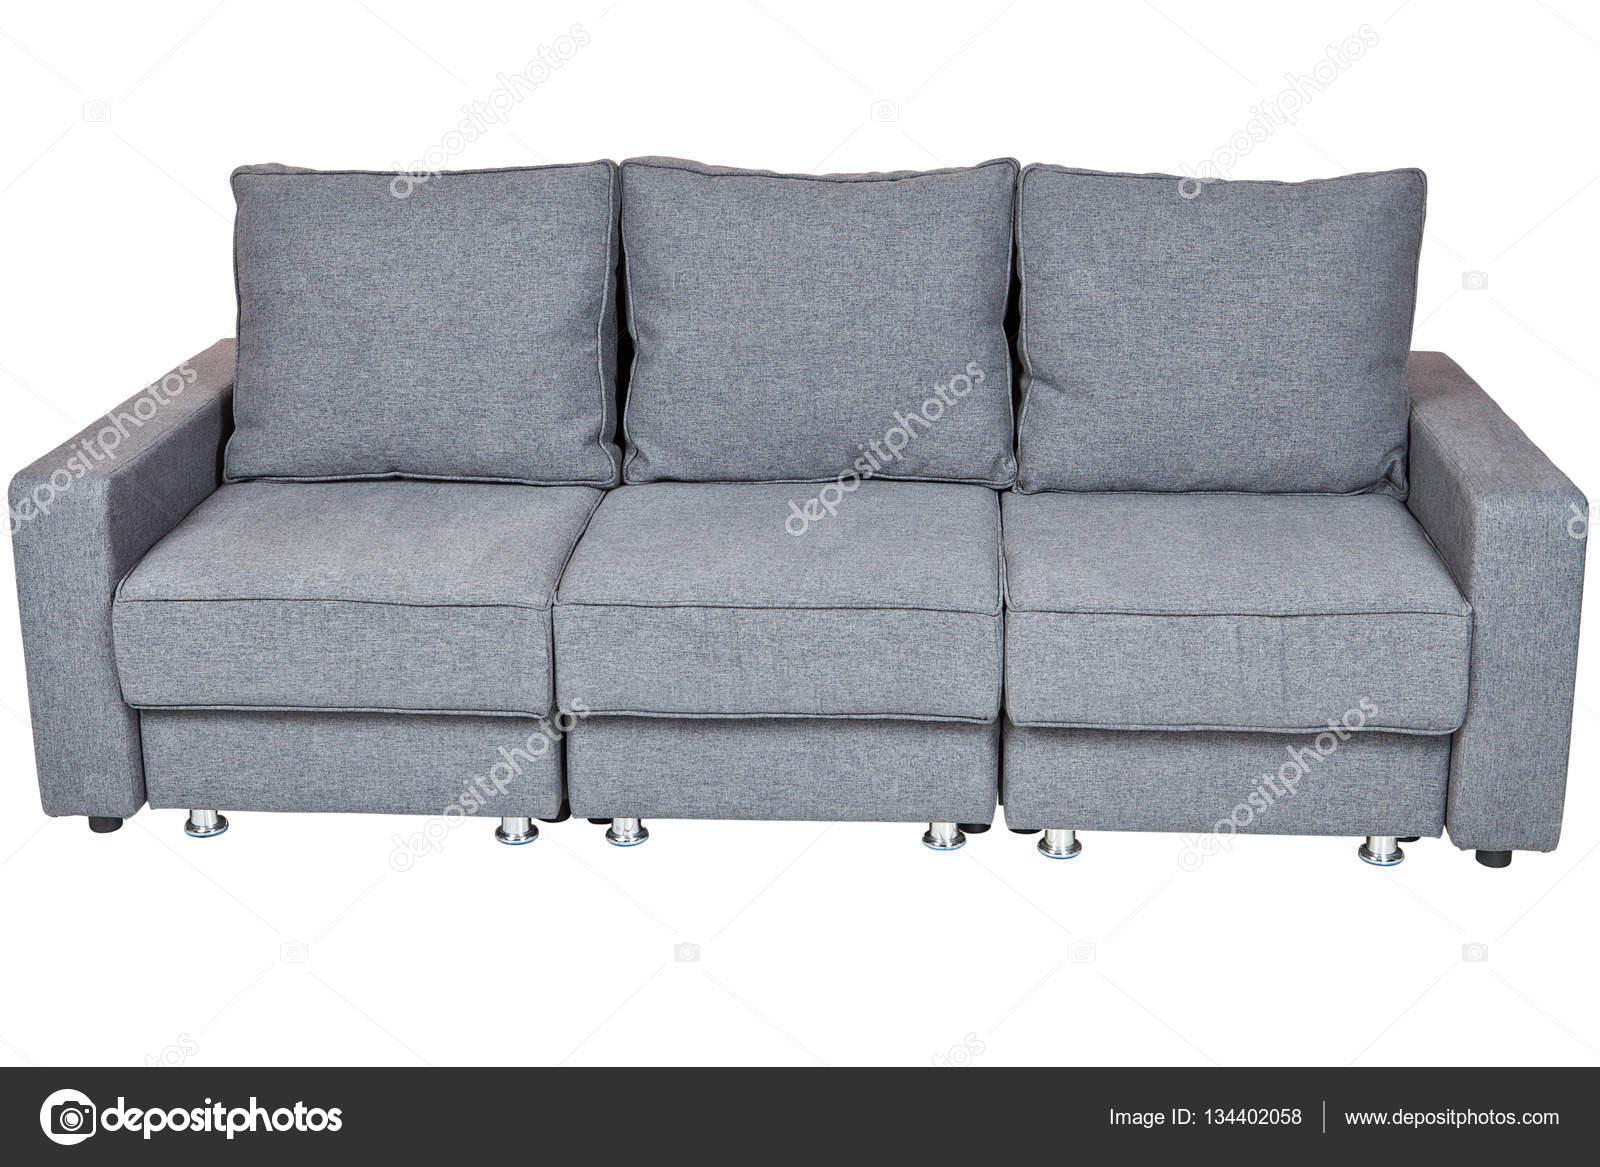 divano letto trasformabile con colore grigio — Foto Stock ...